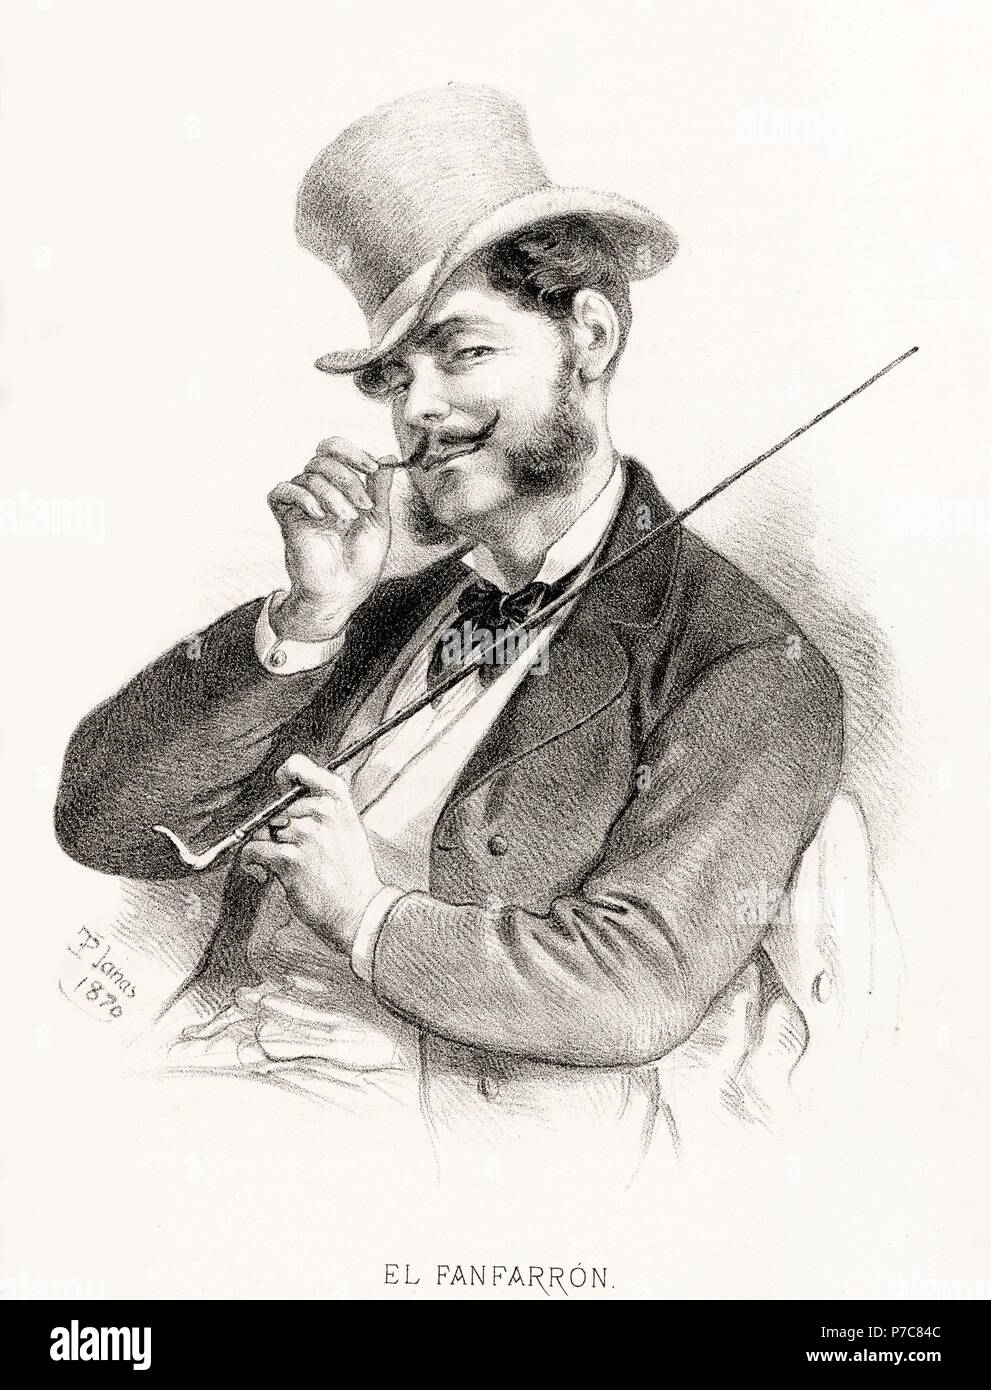 Carácteres del individuo. Hombre fanfarrón. Grabado de 1870. Stock Photo